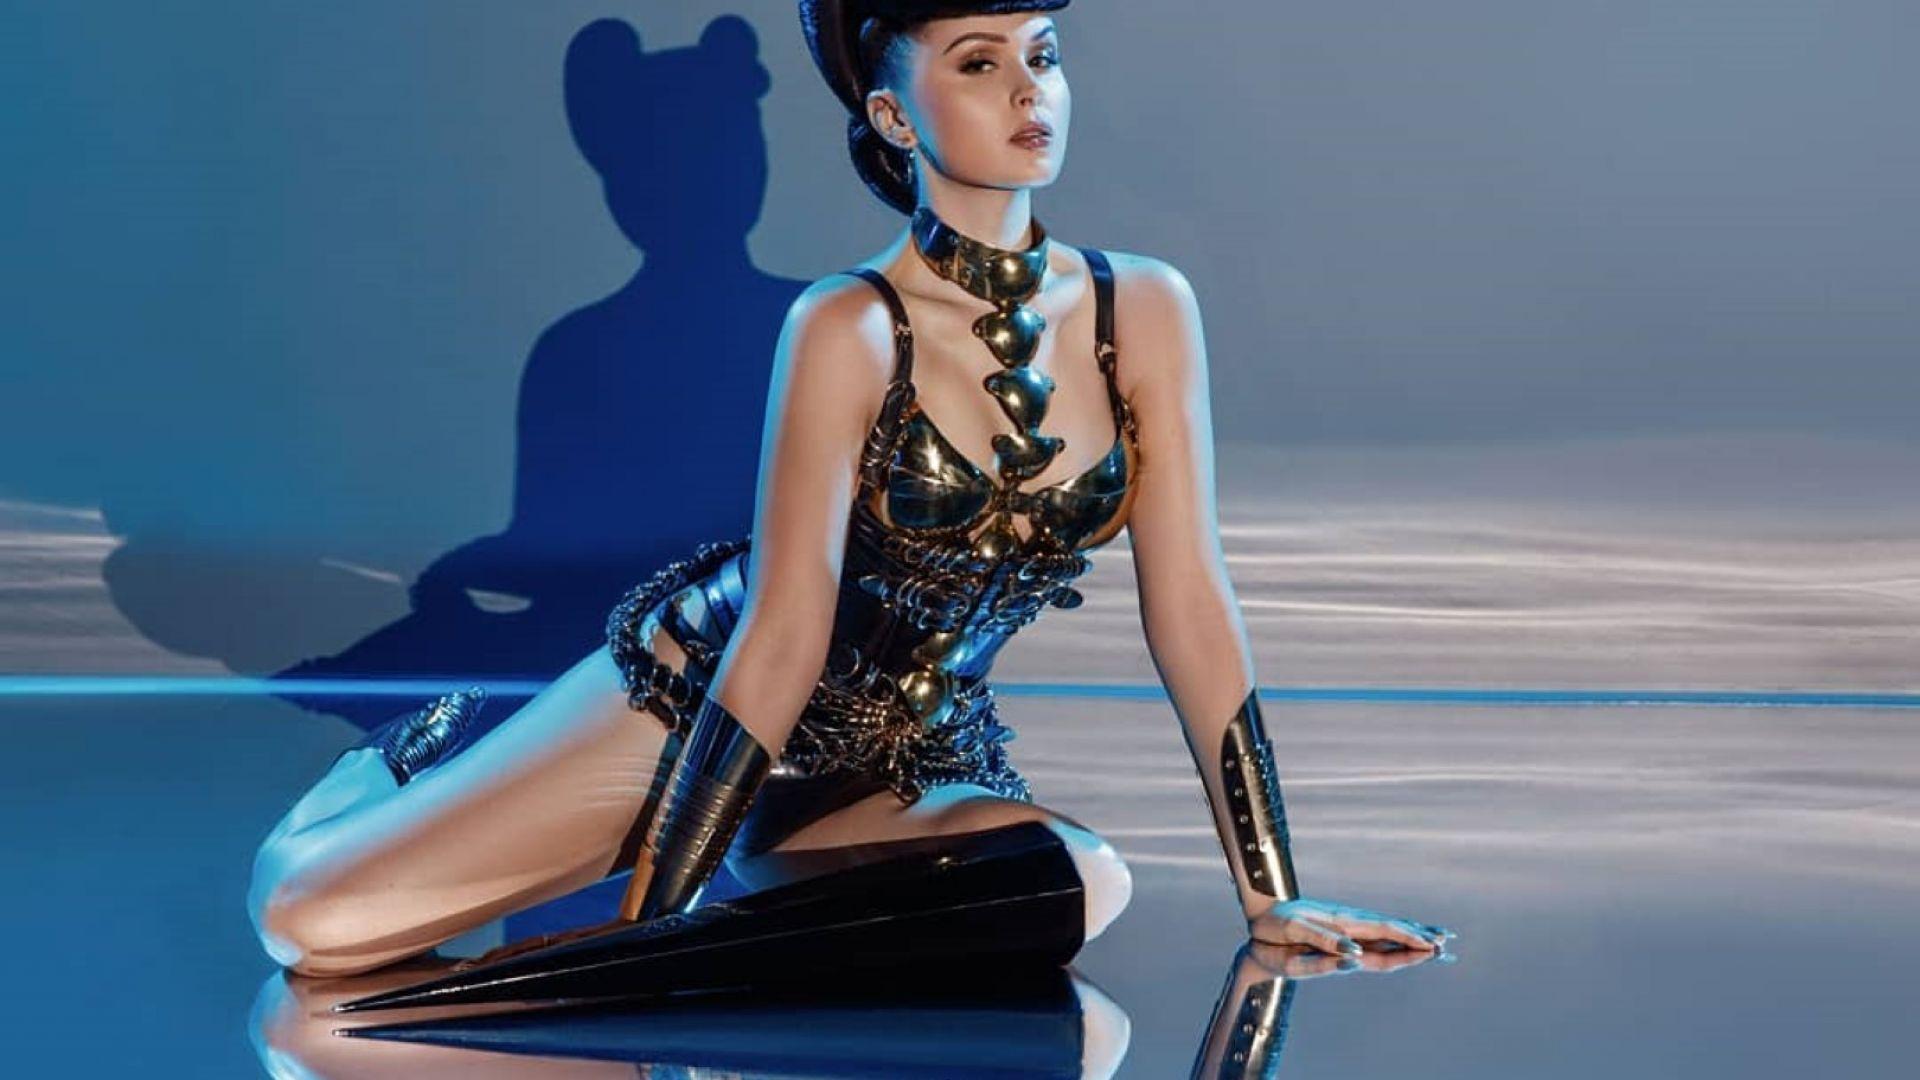 """Виктория Модеста танцува с протеза пикел в парижкия """"Крейзи хорс"""""""